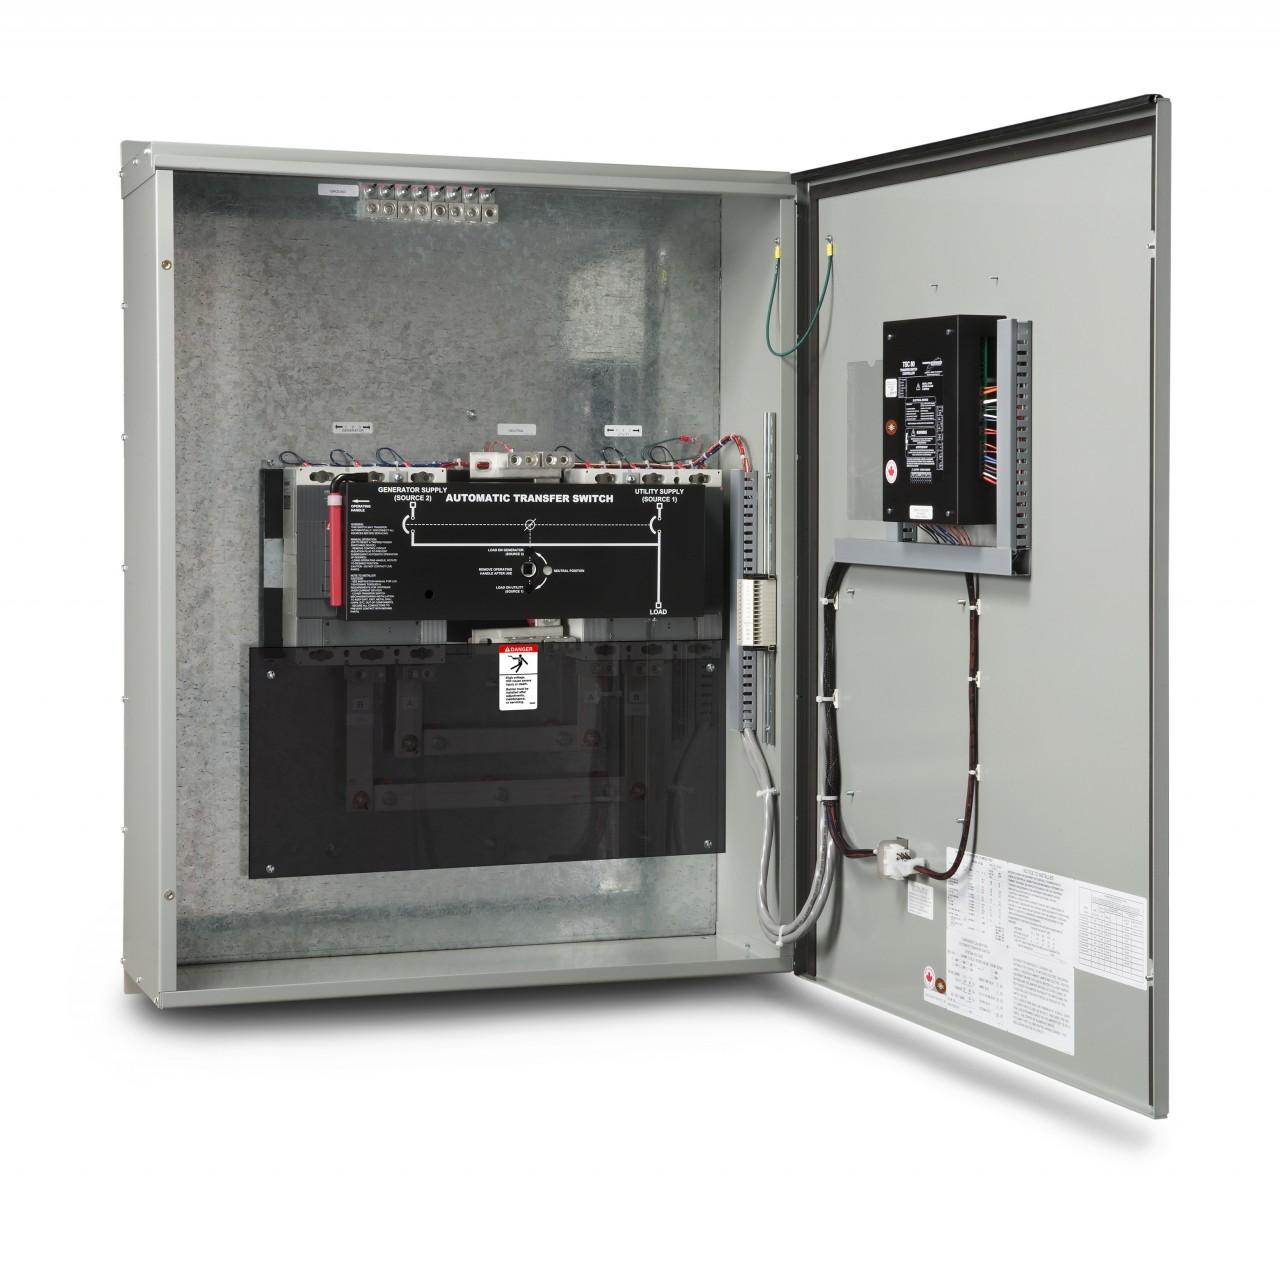 Thomson TS840SE Auto Transfer Switch (1Ph, 400A)